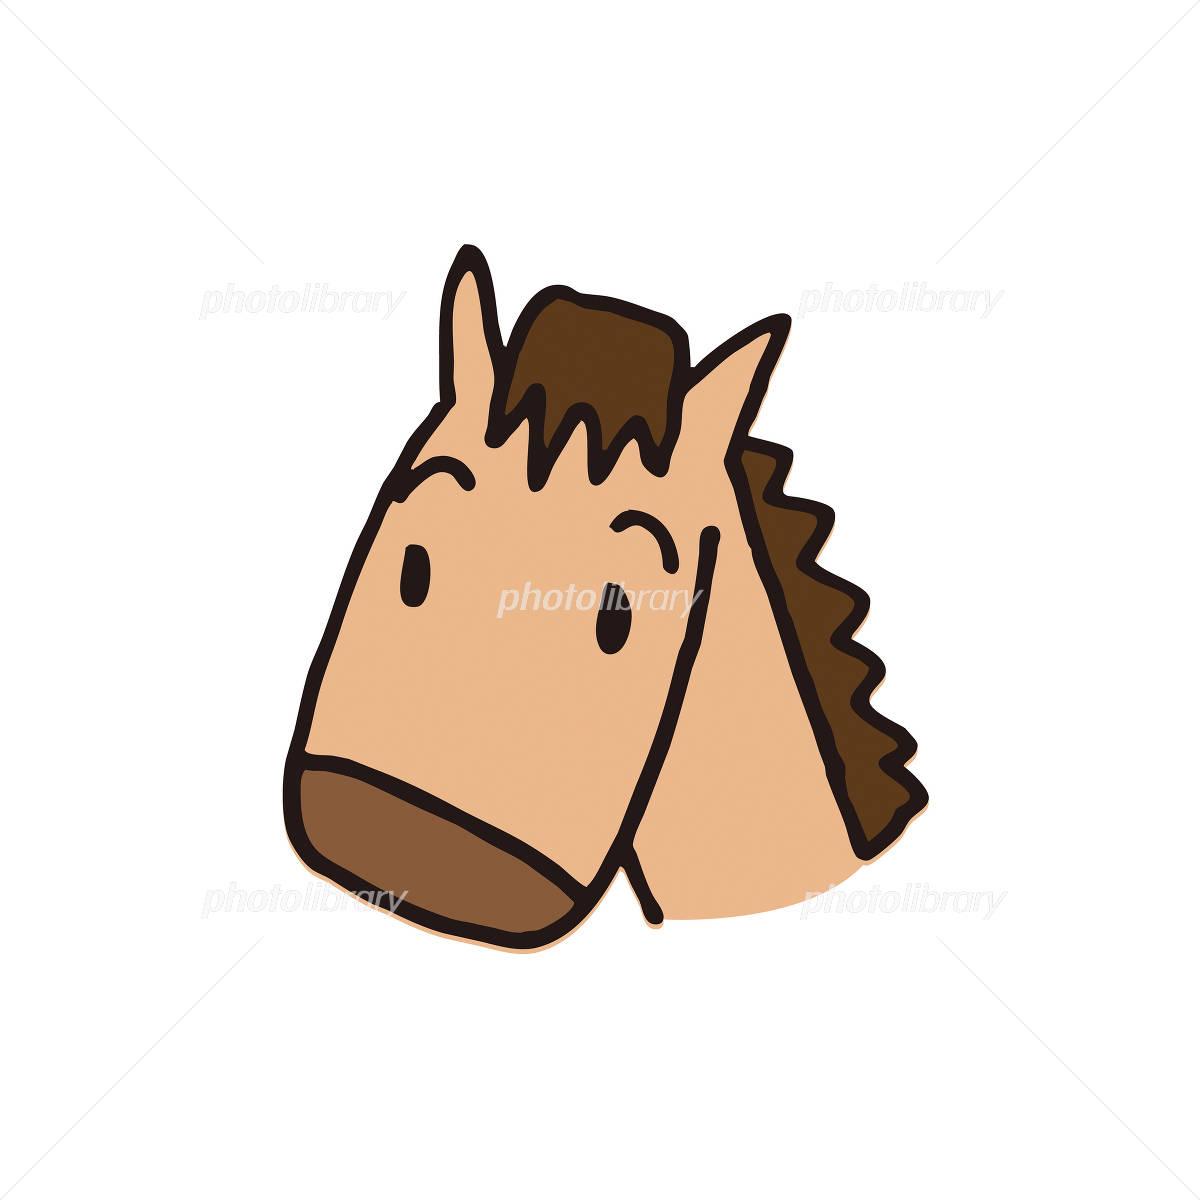 馬の顔のイラスト イラスト素材 フォトライブラリー Photolibrary